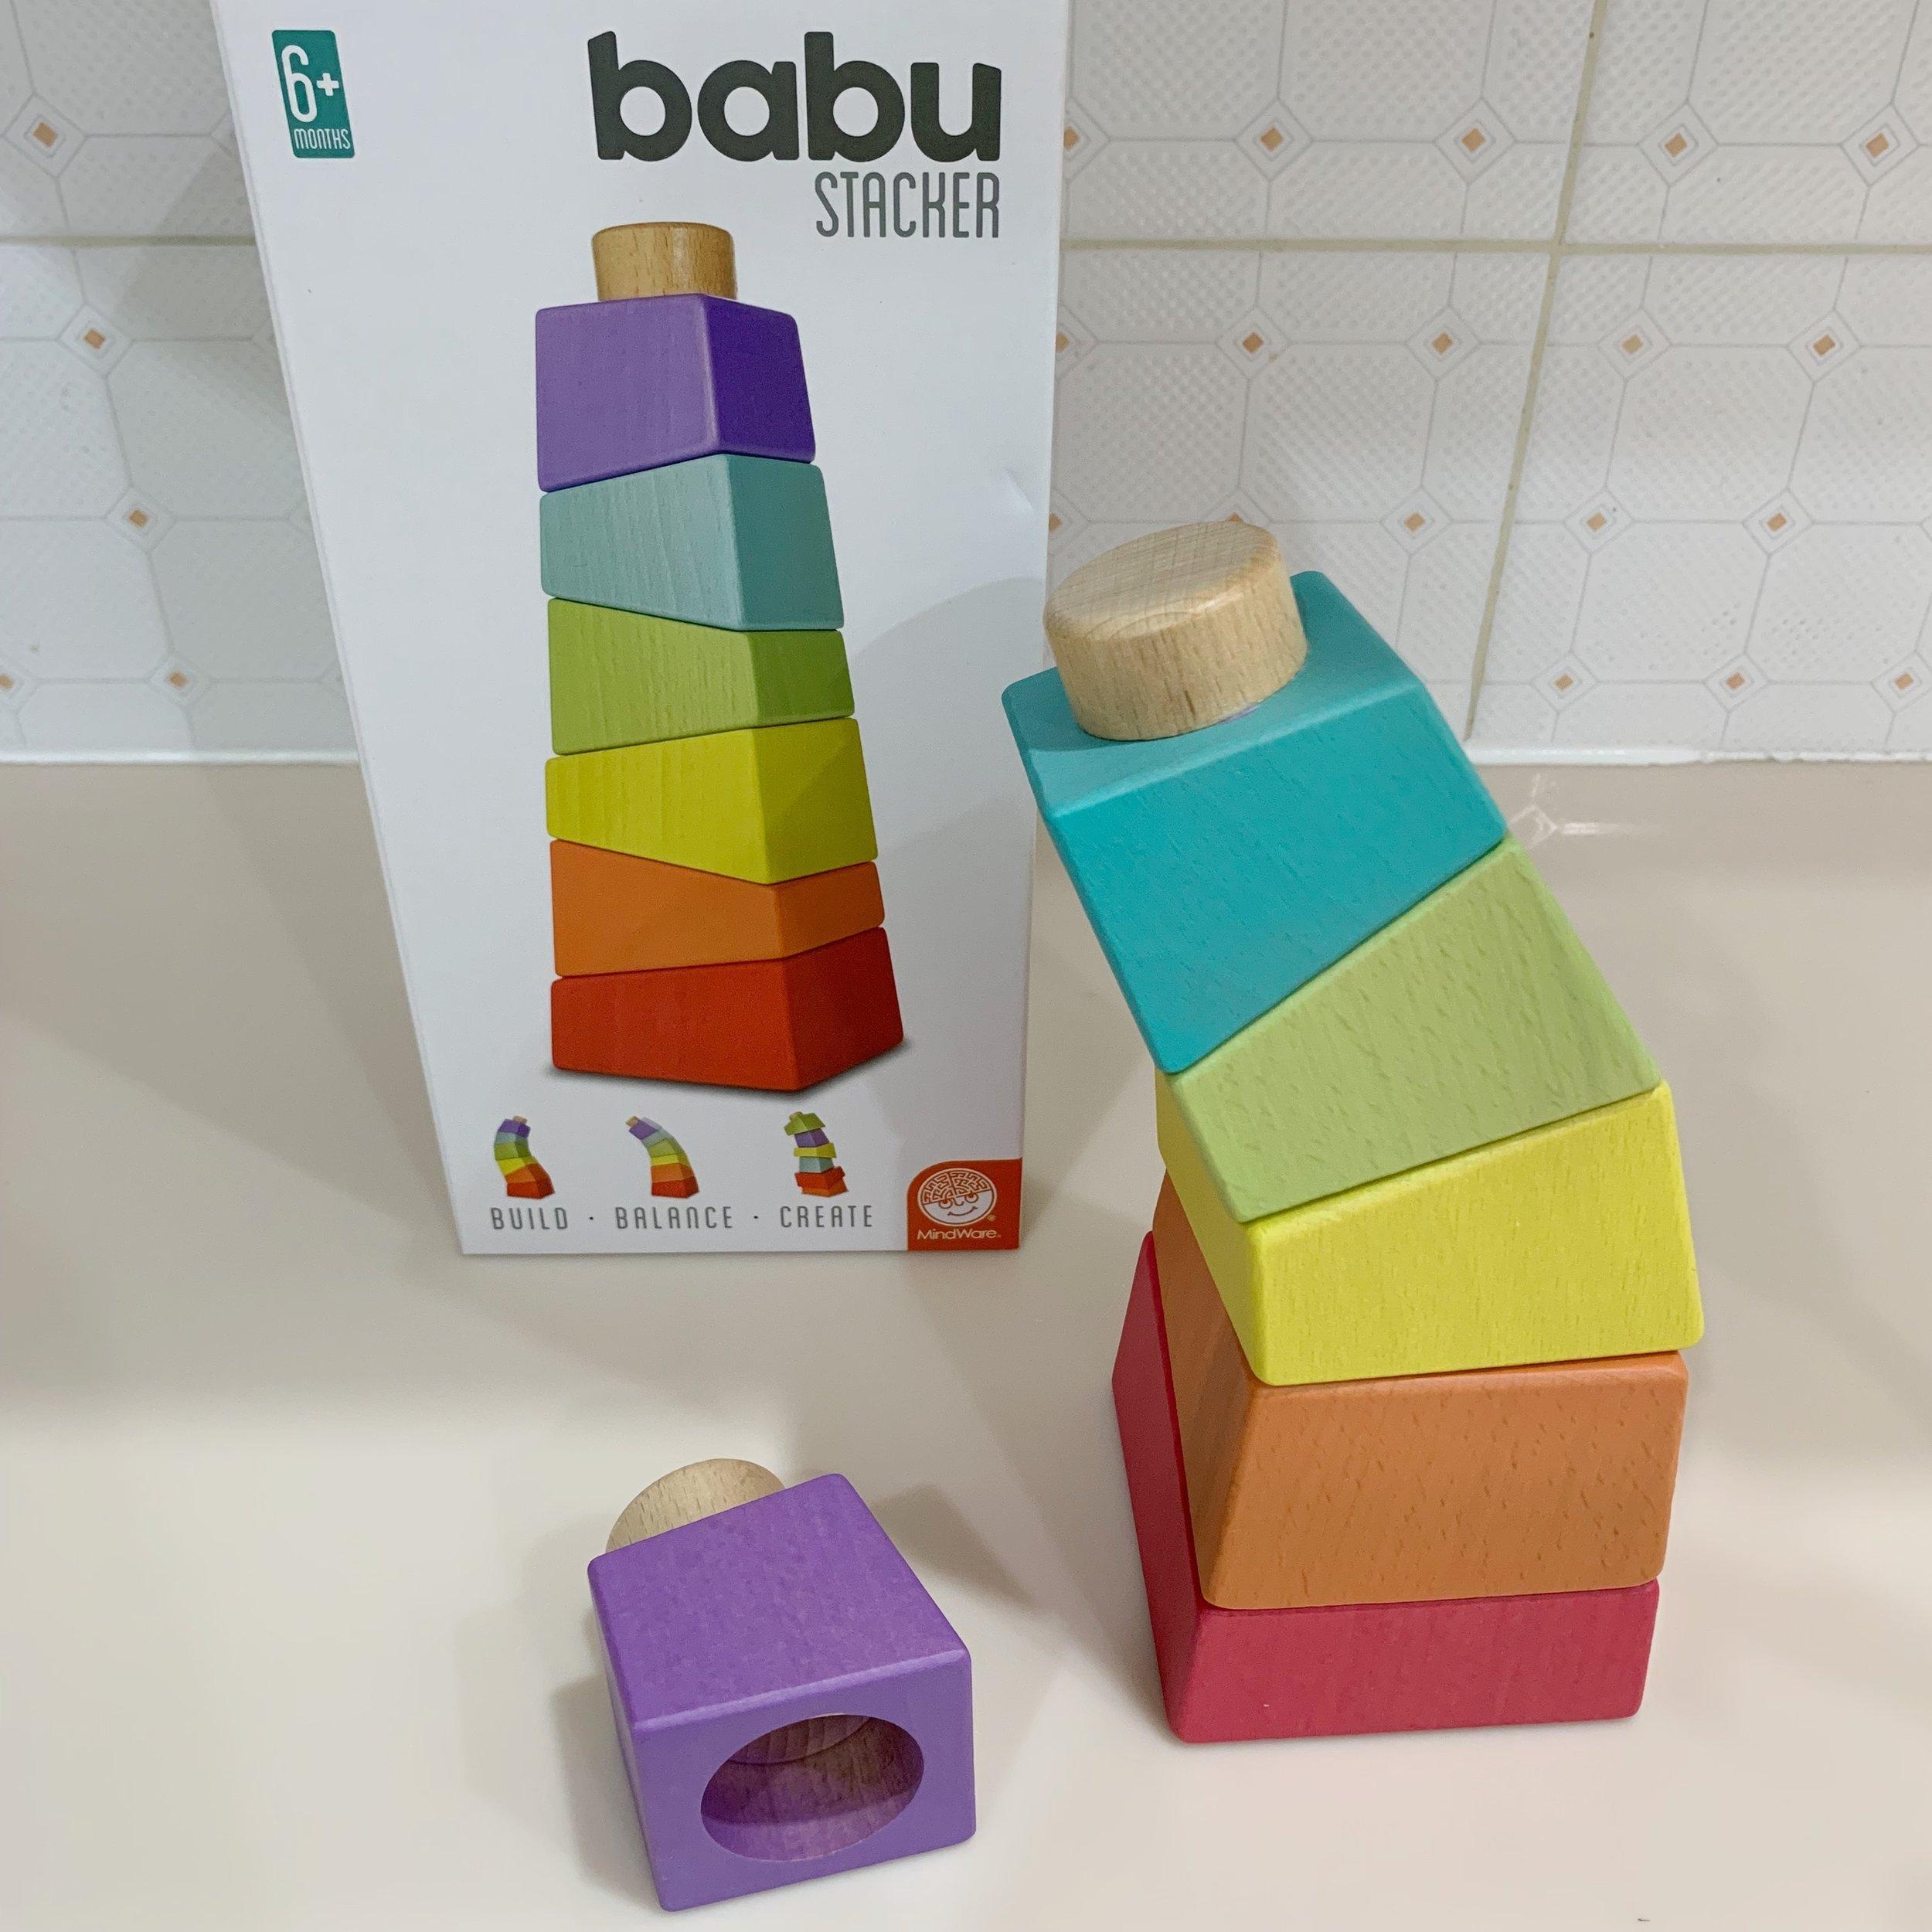 babu stacking toy